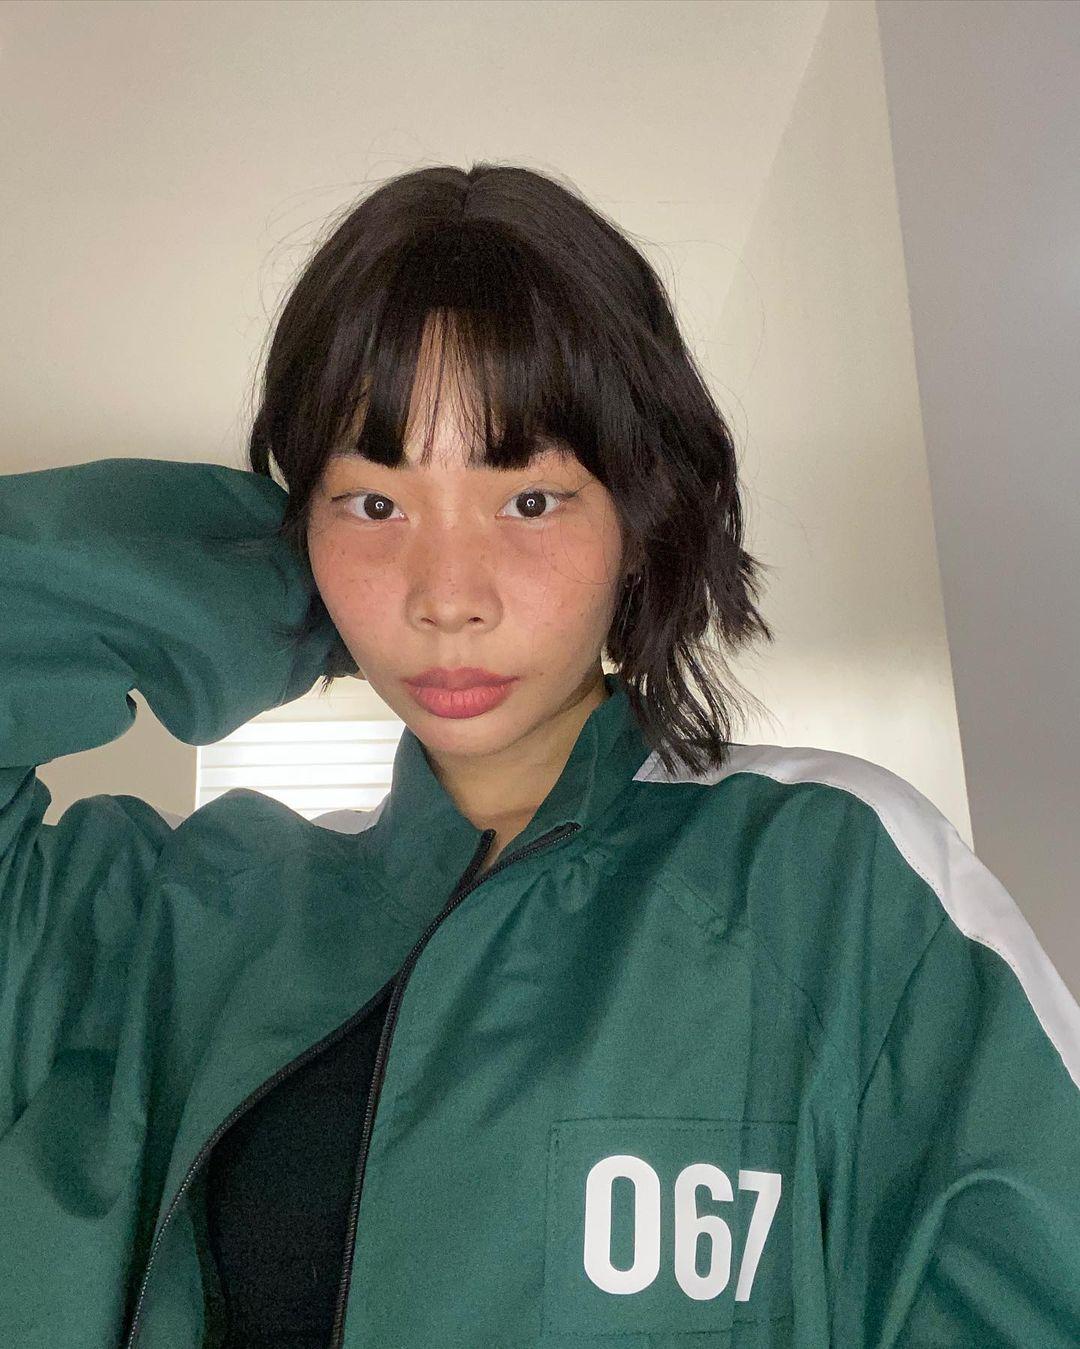 rhea bue's kang sae-byeok transformation